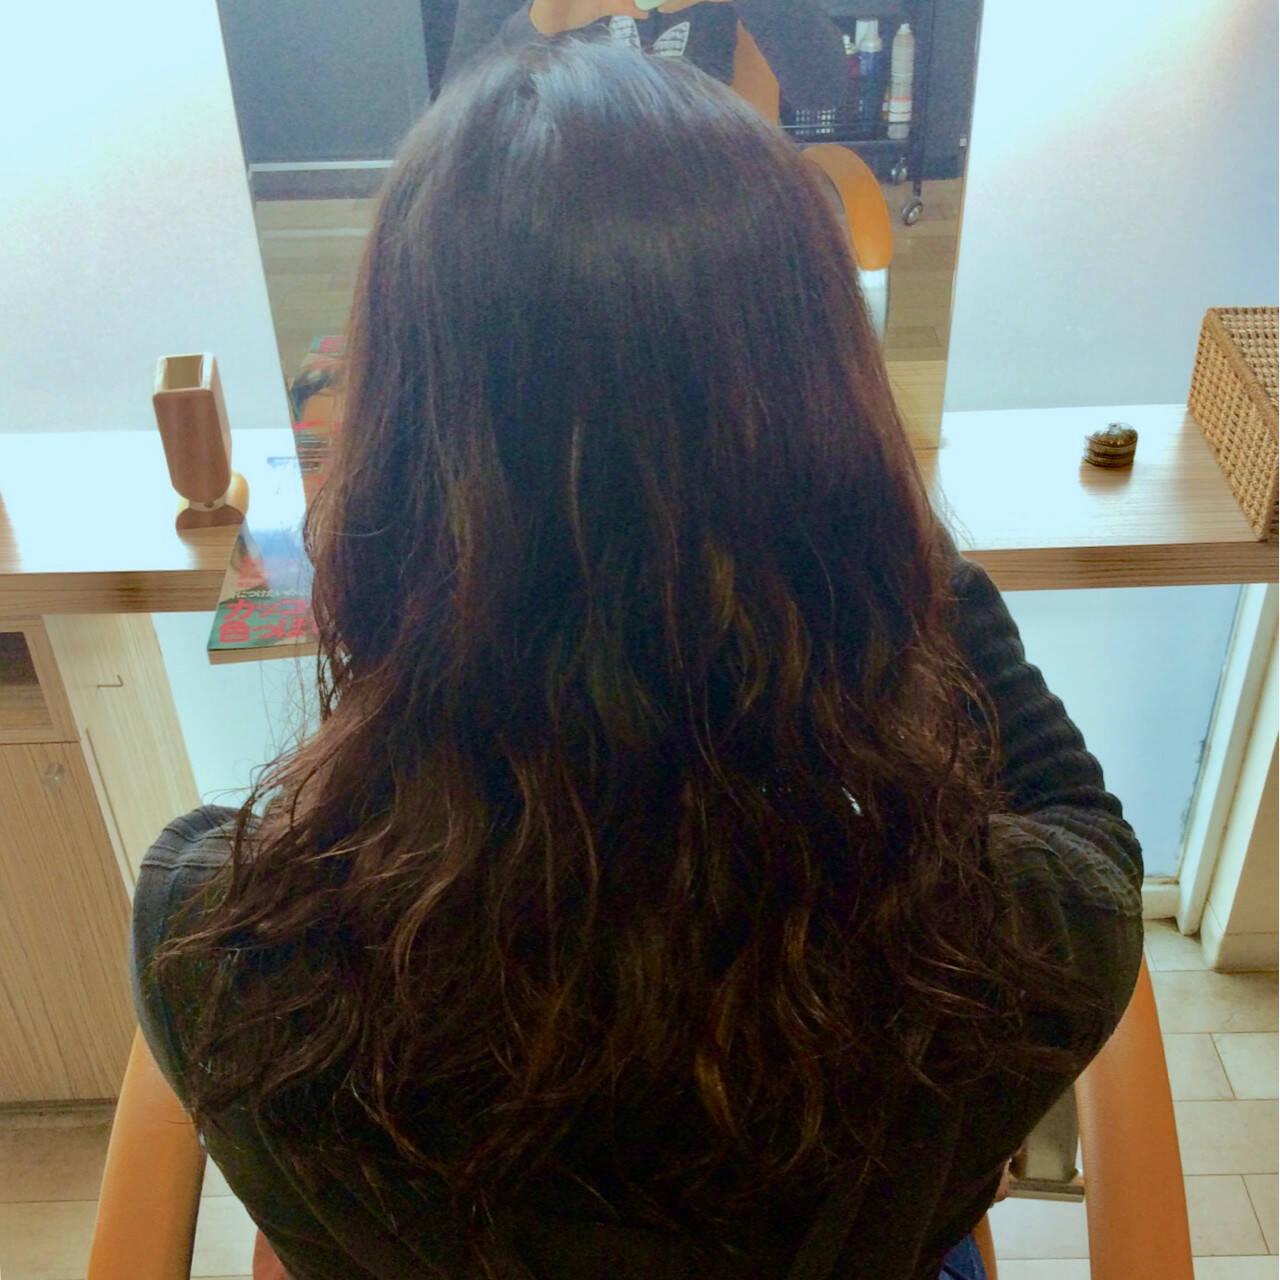 パーマ セミロング ナチュラル イルミナカラーヘアスタイルや髪型の写真・画像